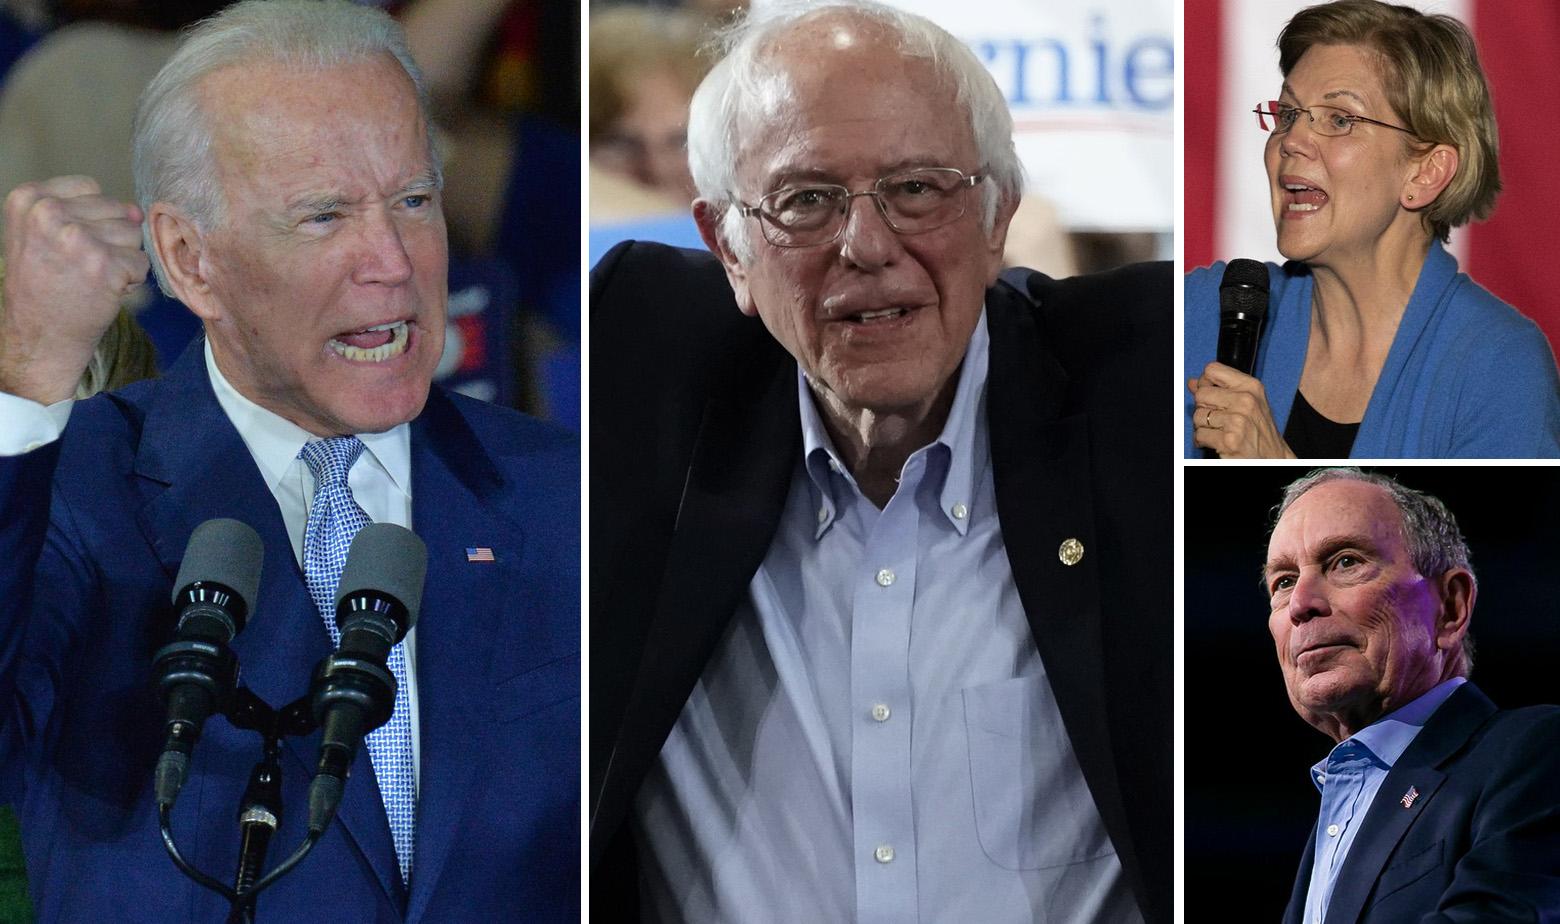 Joe Biden, Bernie Sanders, Elizabeth Warren, Michael Bloomberg